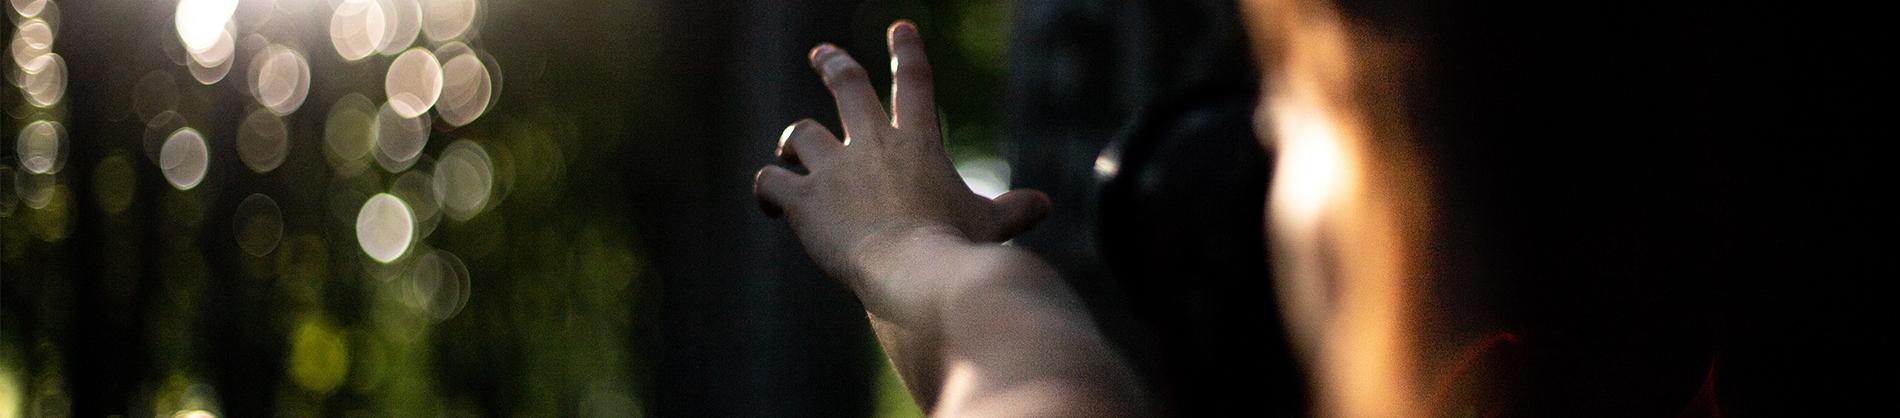 A person reaching their hand forward towards the sun